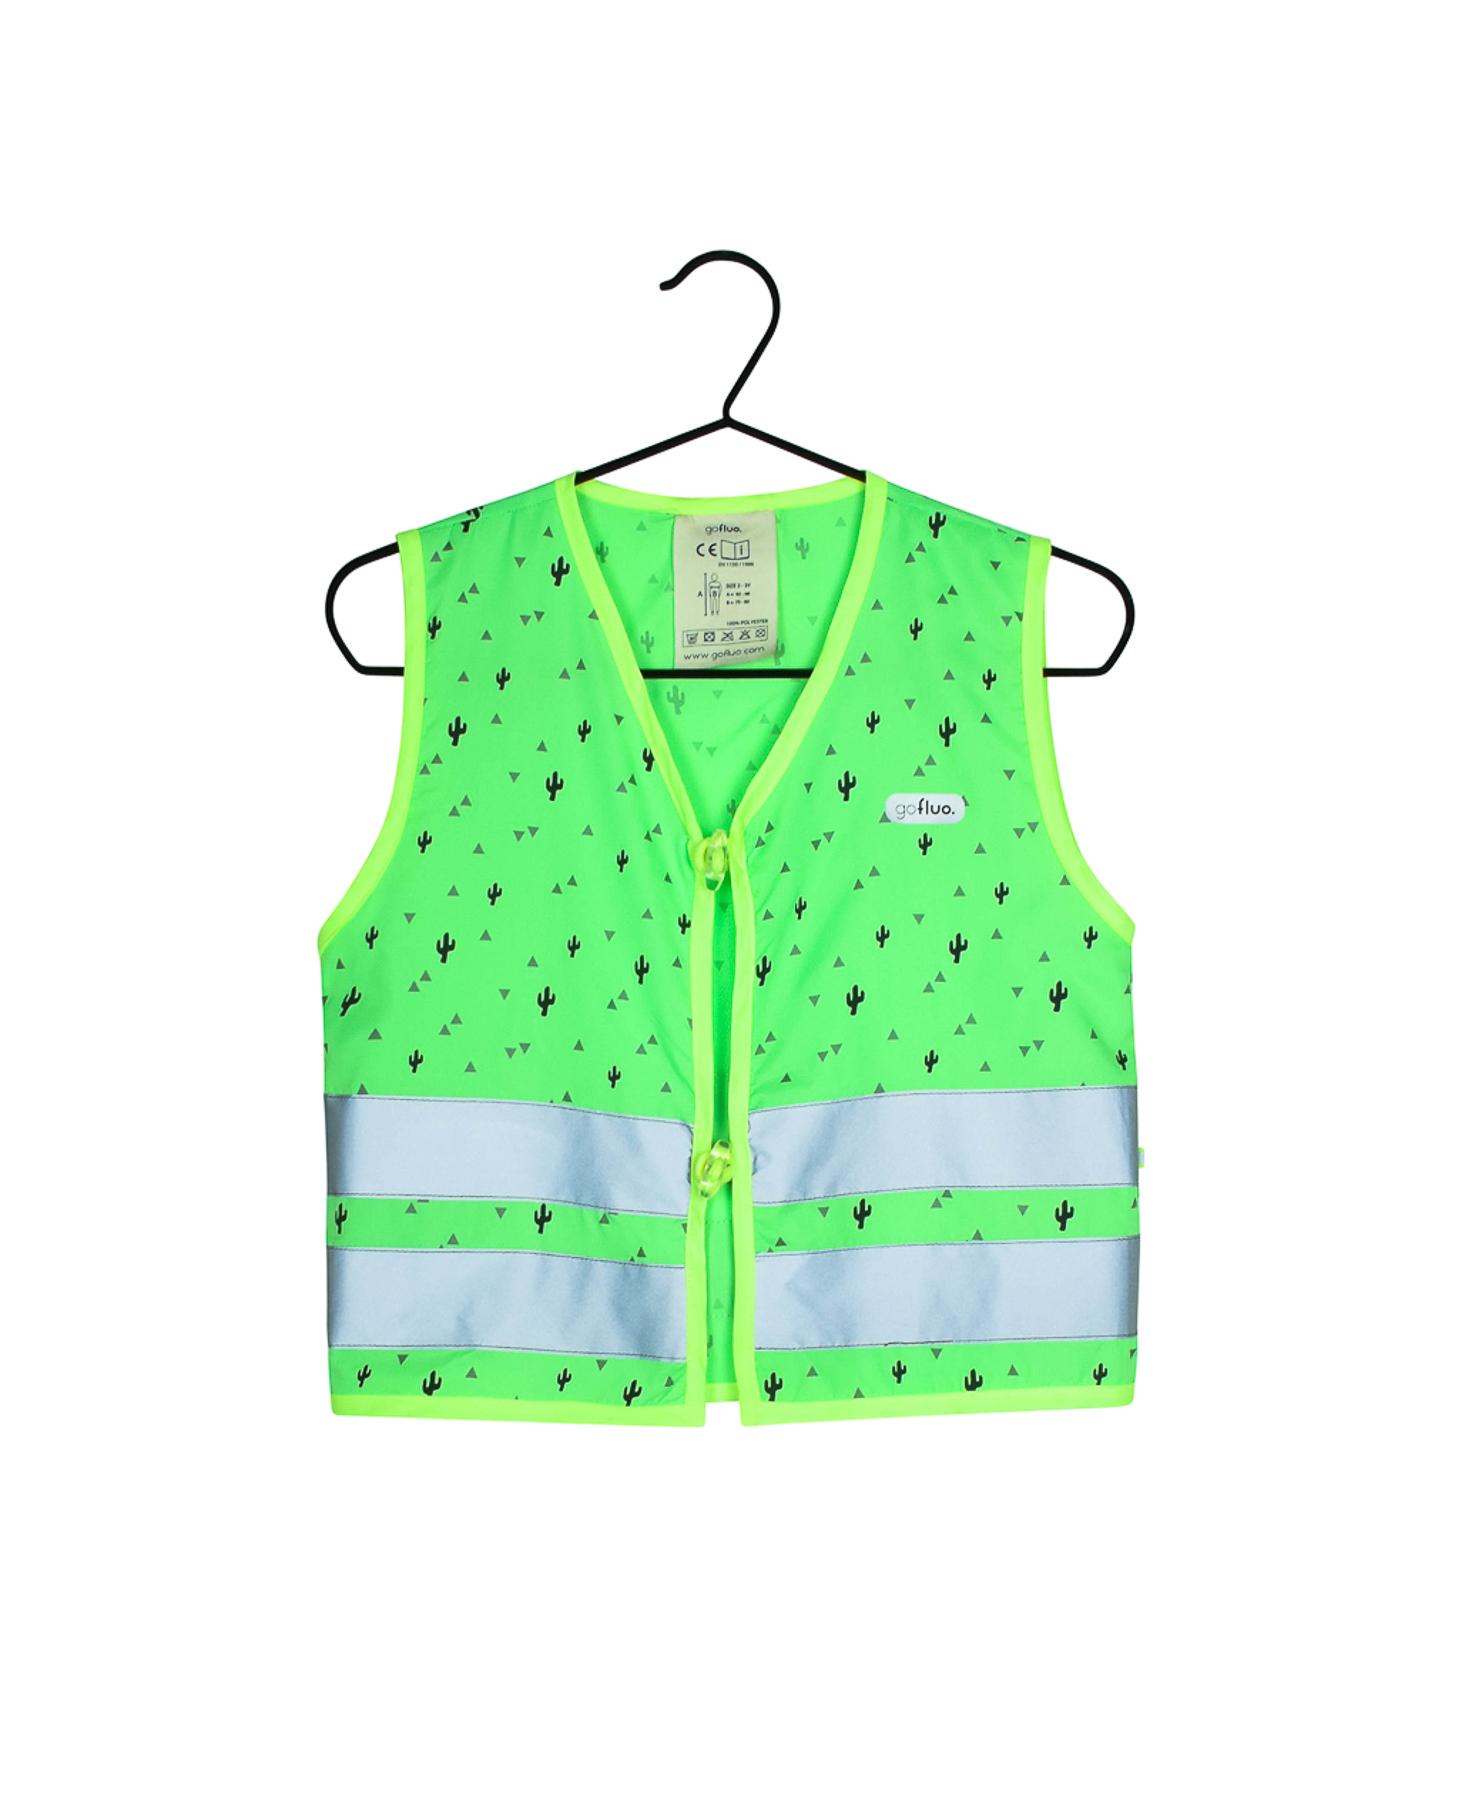 Fluohesje Phill groen size 7-9Y